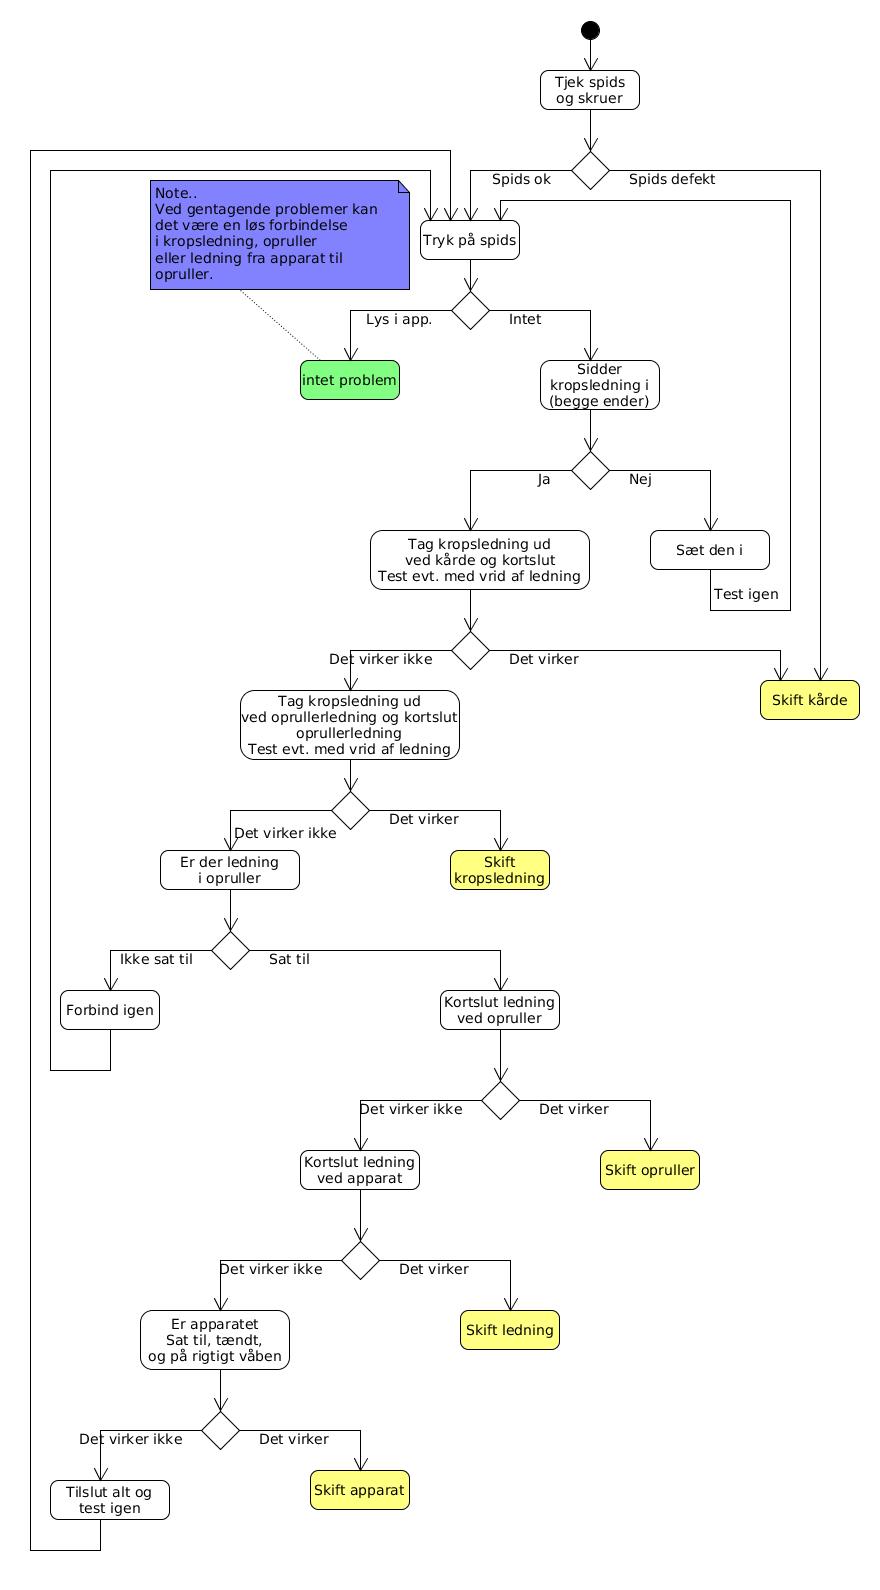 Guide til udstyrstjek